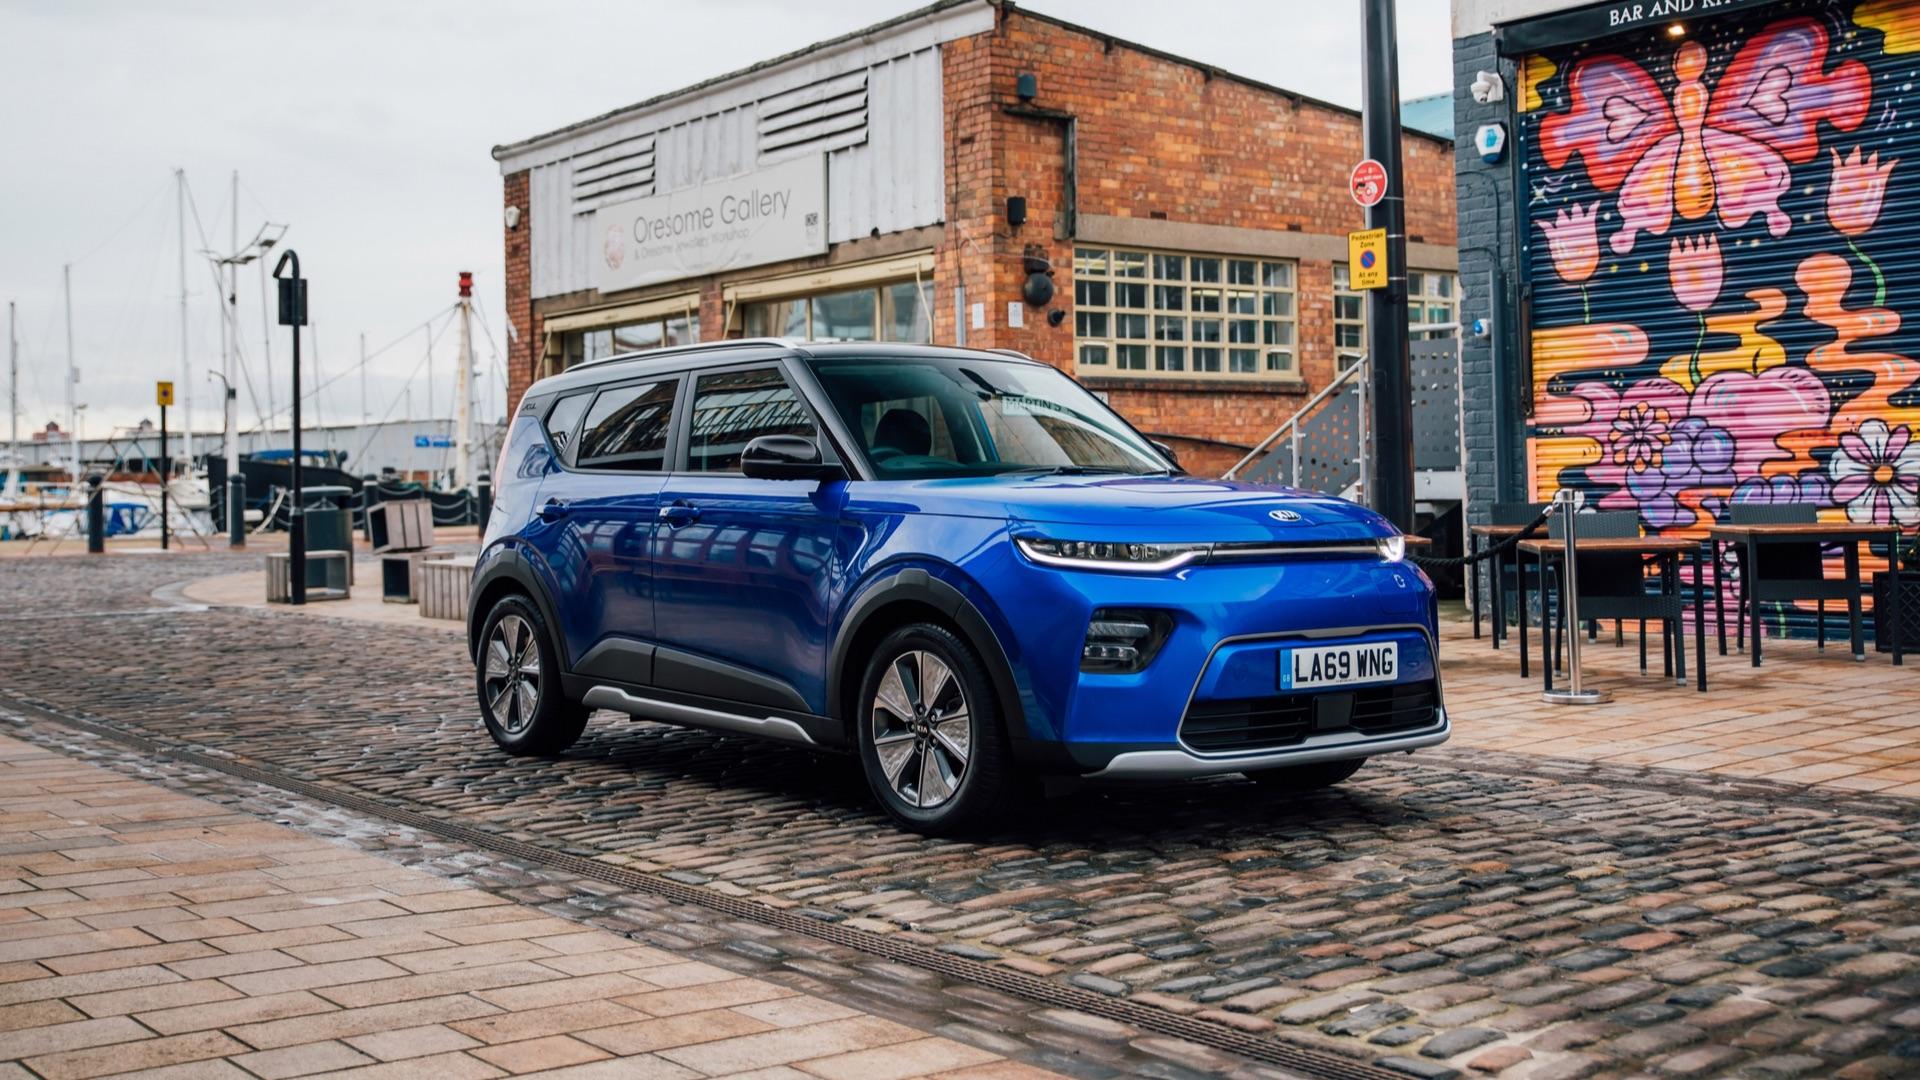 kia soul ev review a sensible first electric car kia soul ev review a sensible first